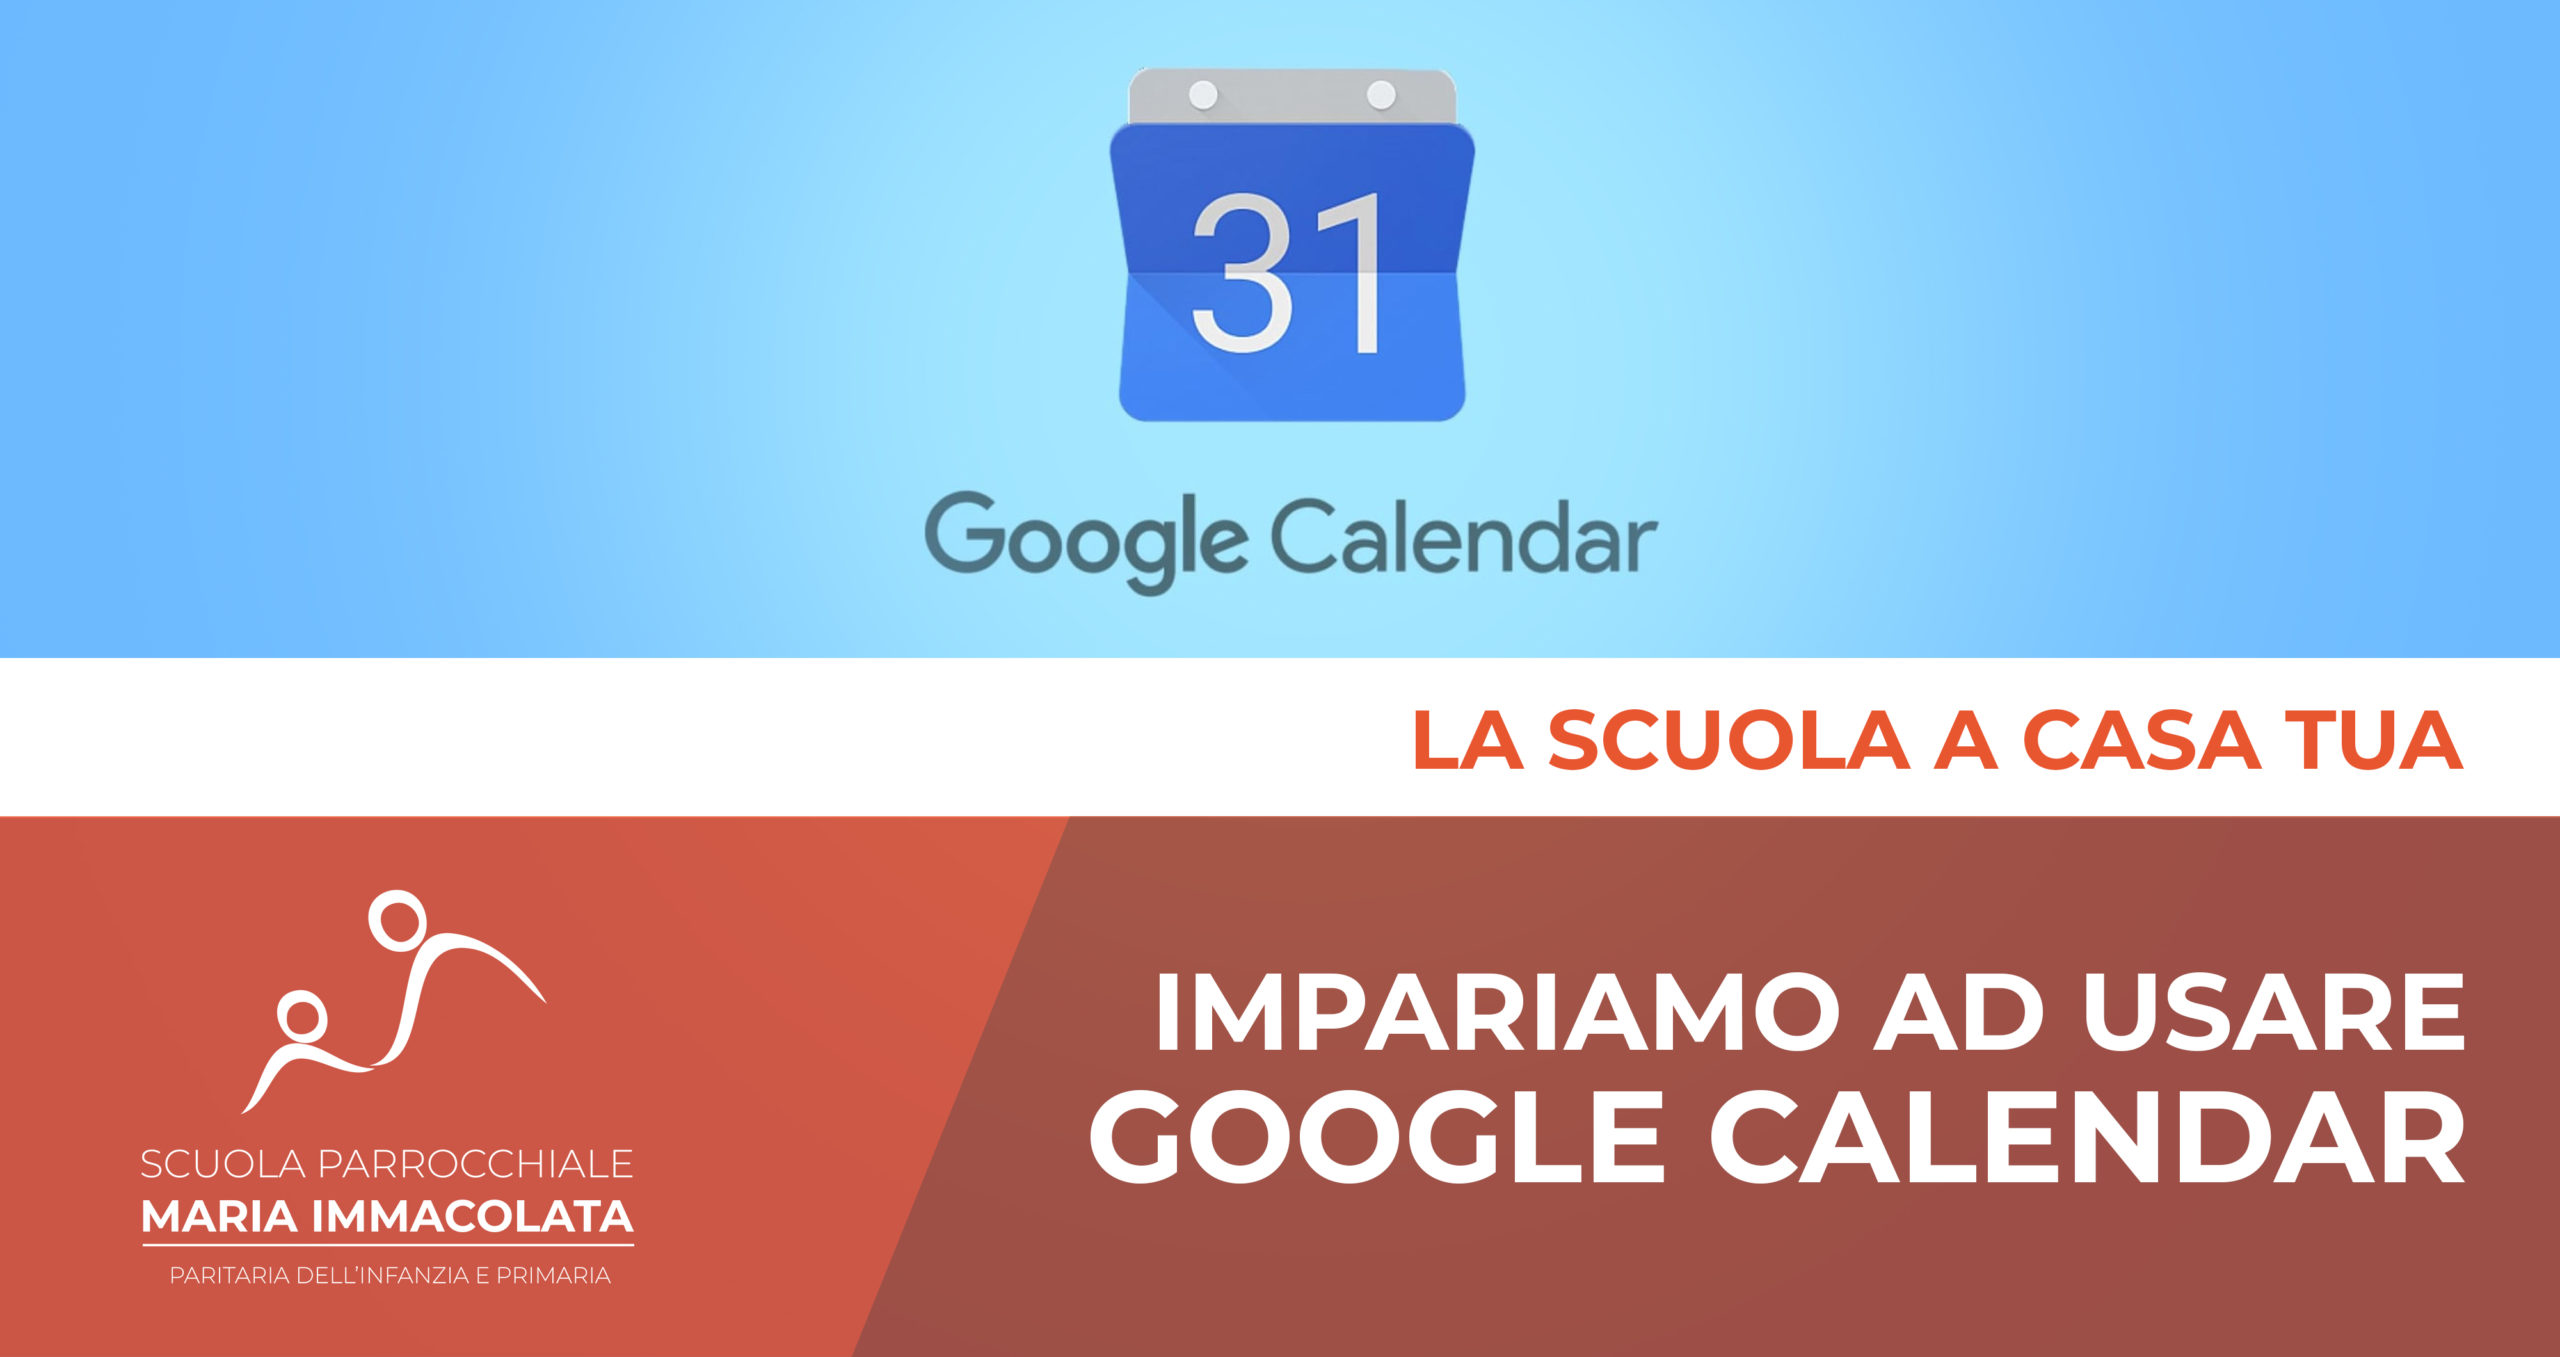 Google Calendar: il nostro nuovo diario